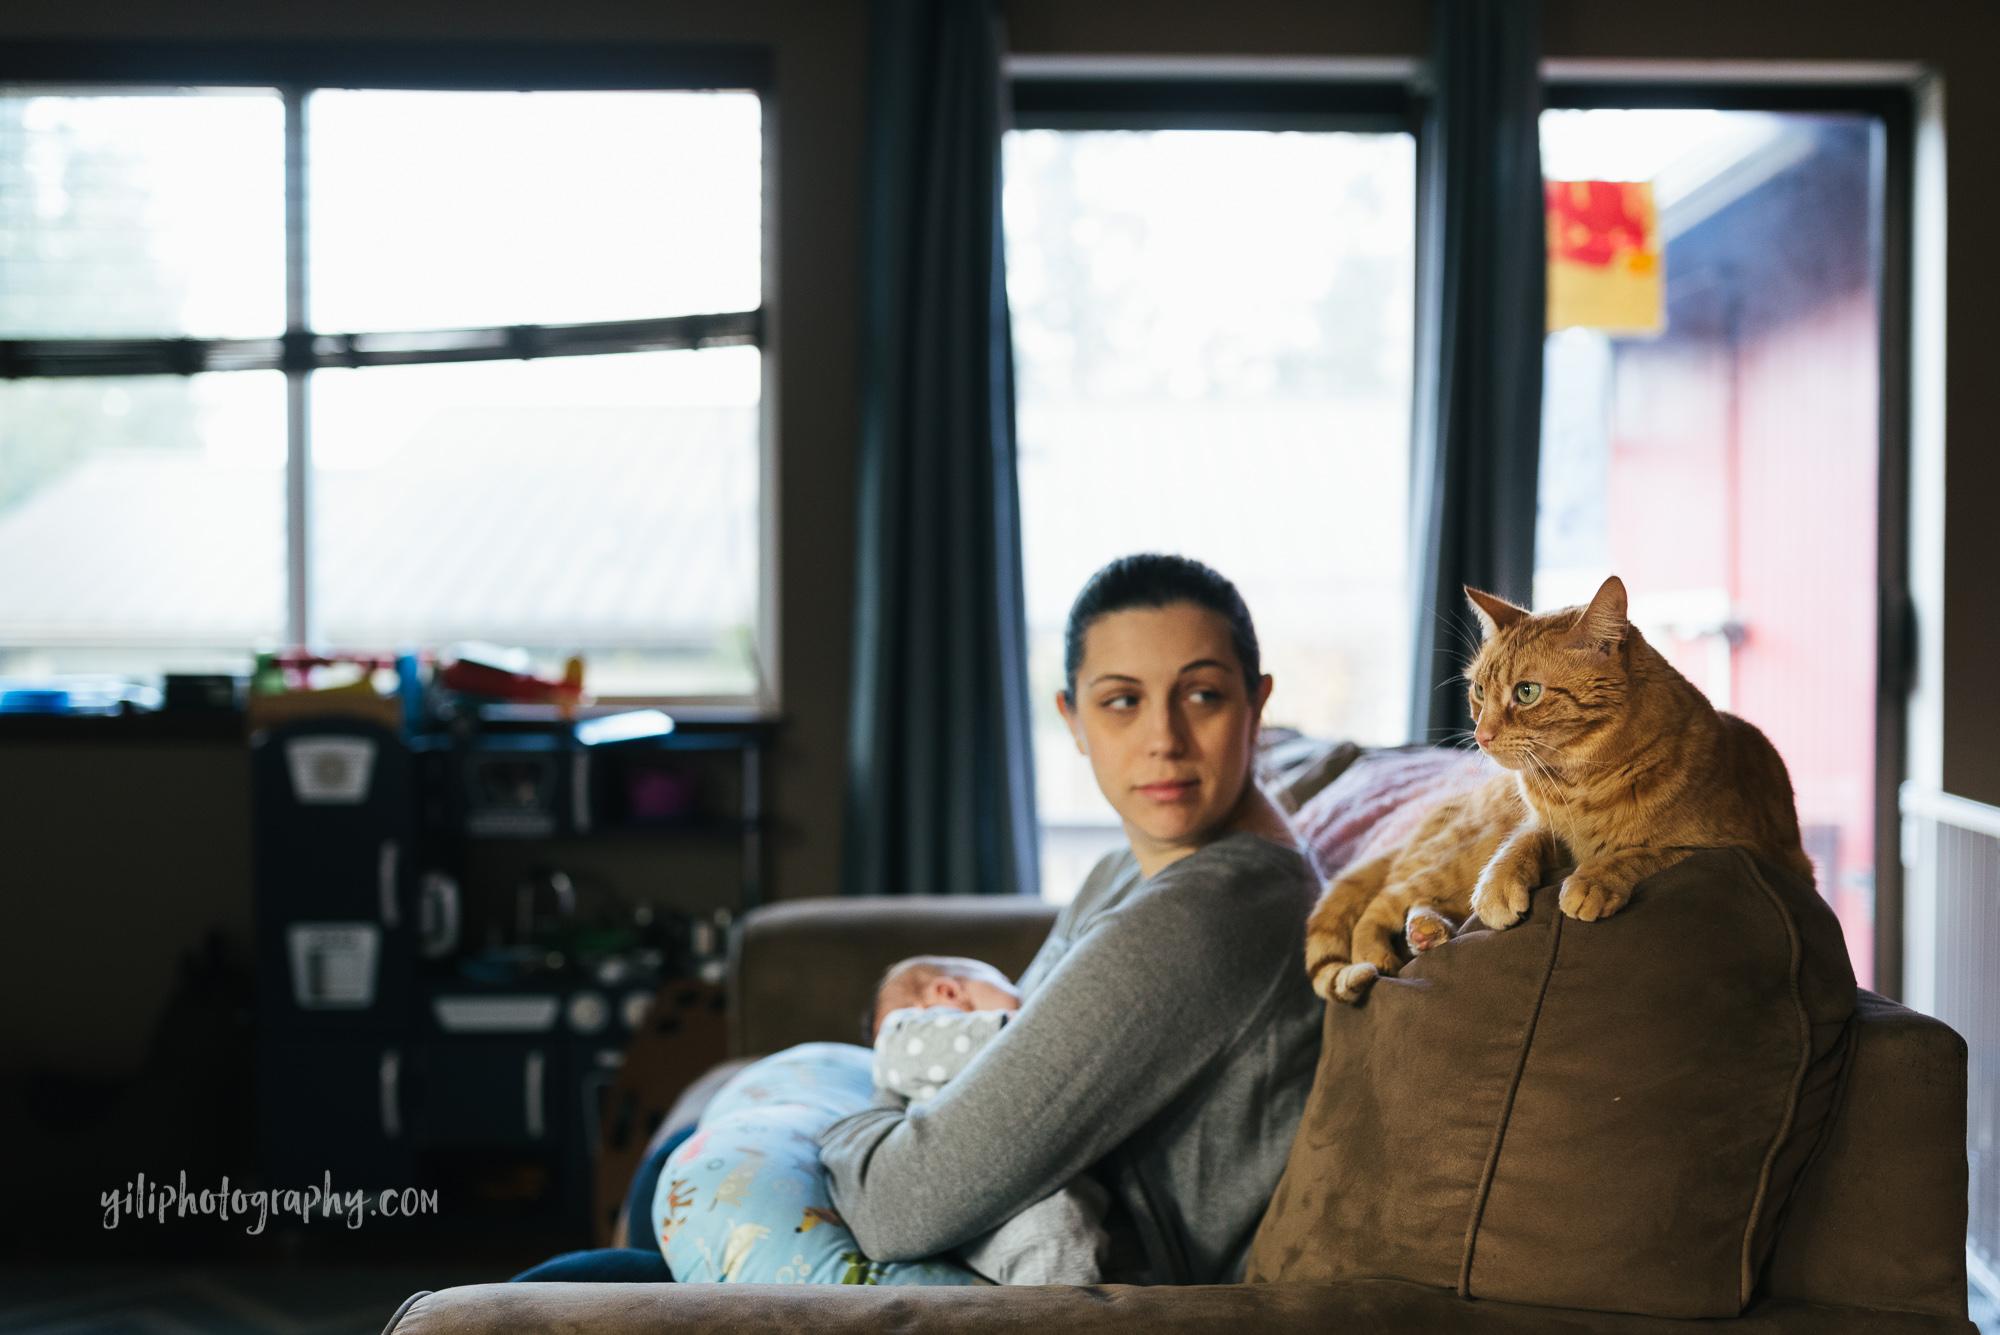 seattle mom nursing looking at orange cat